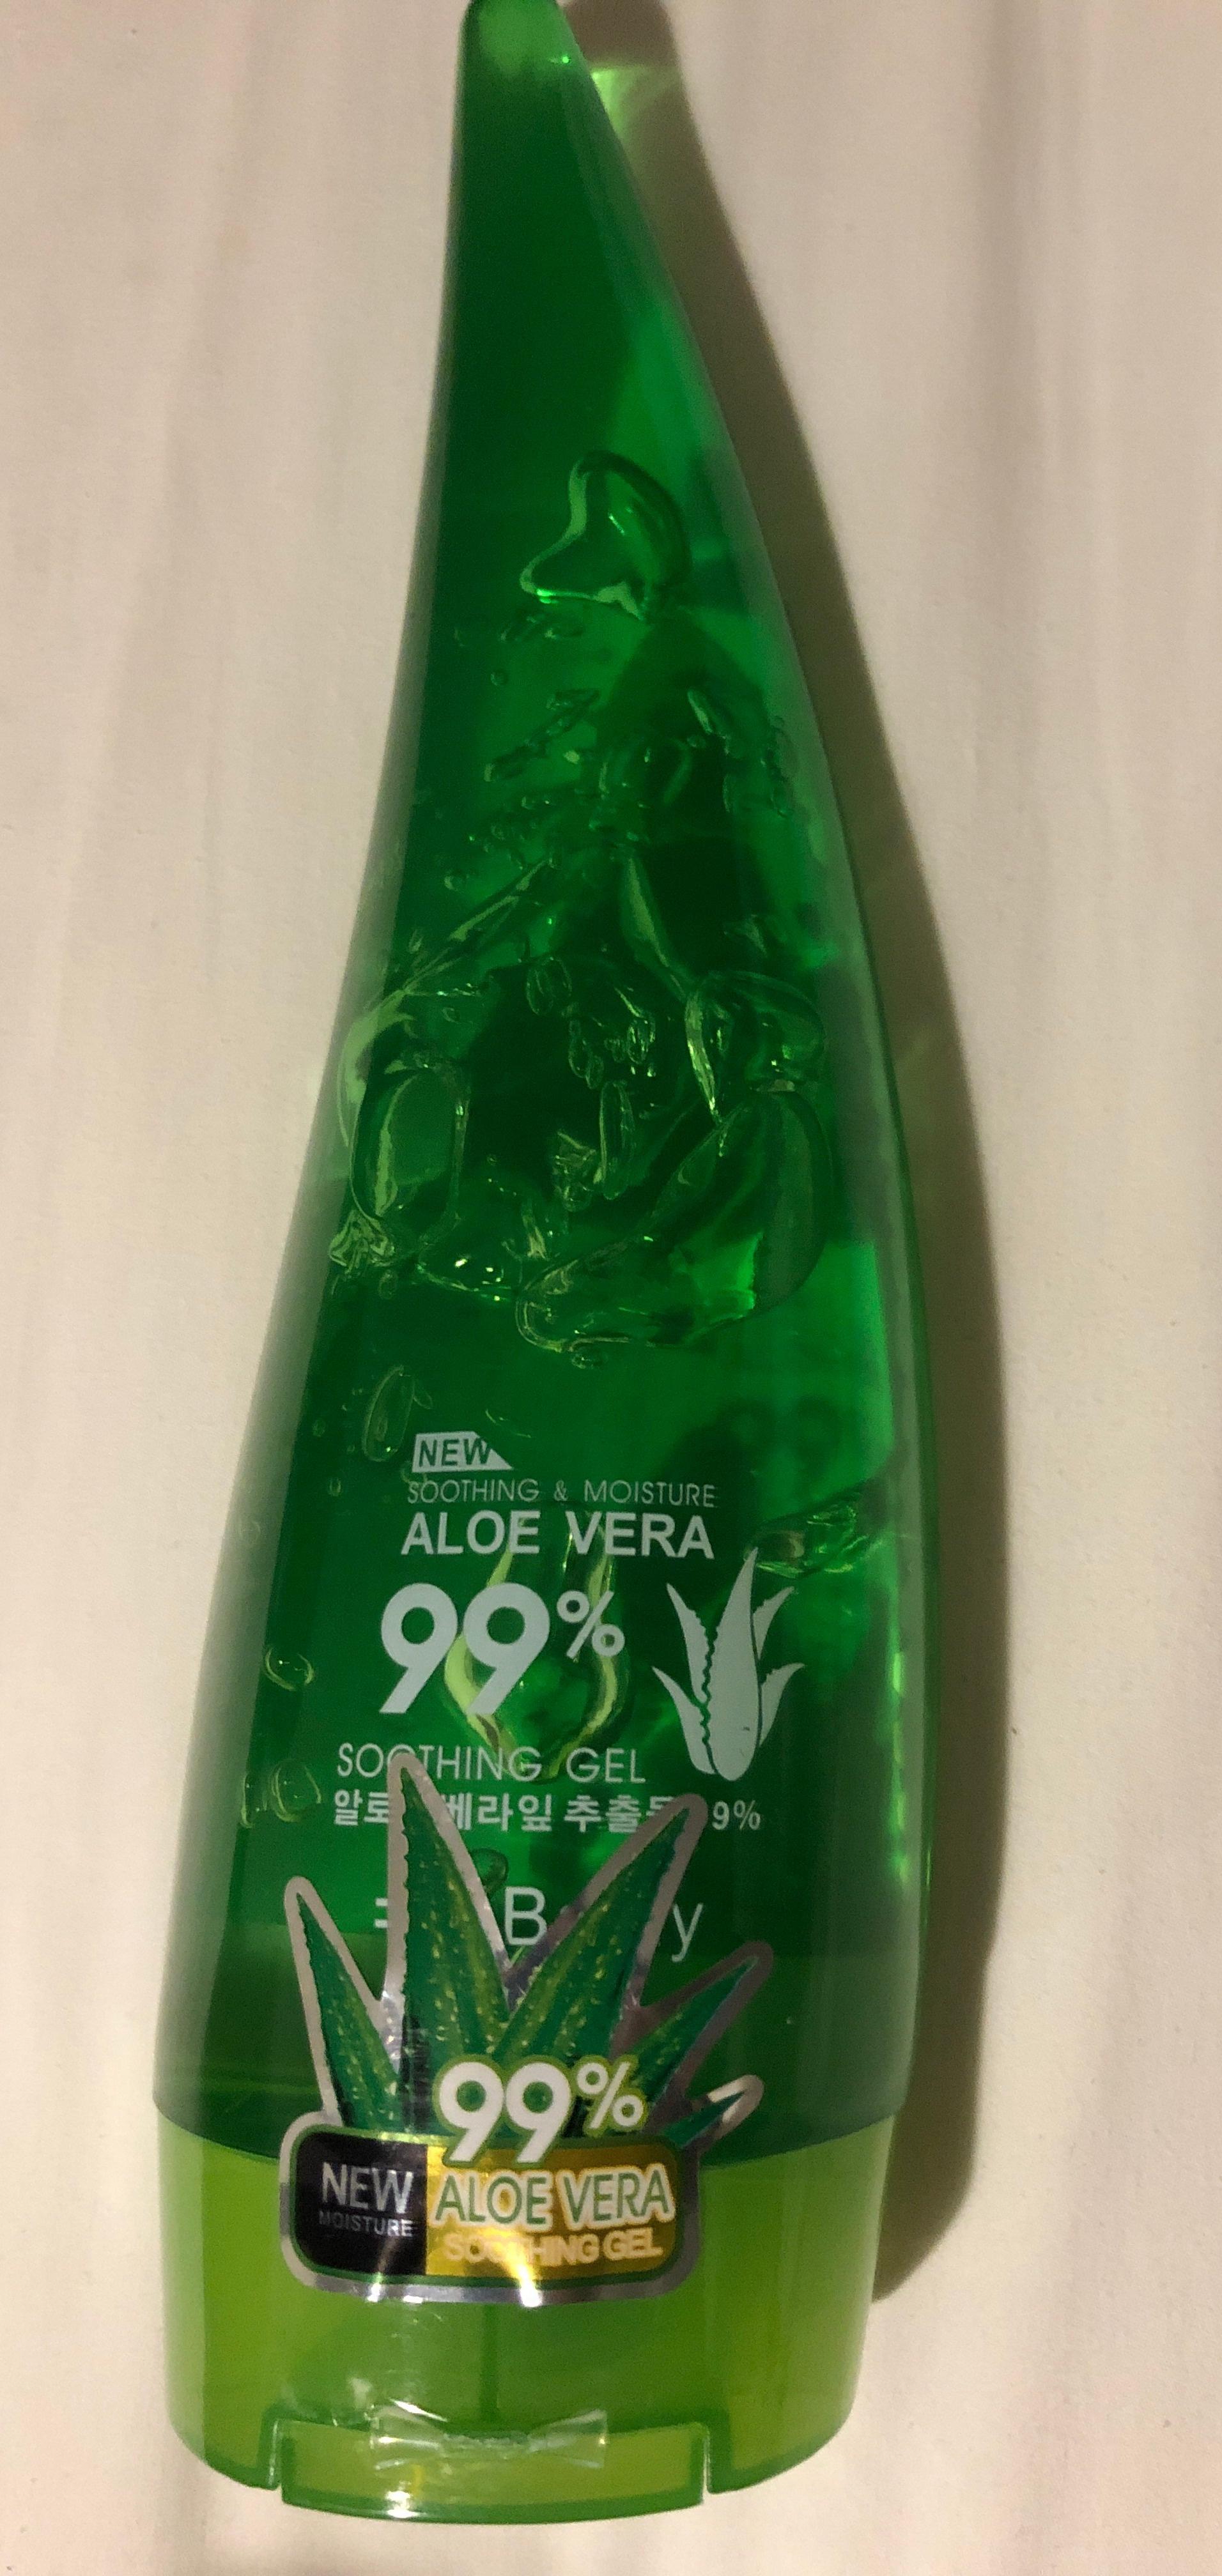 Balay Aloe Vera 99% Soothting Gel